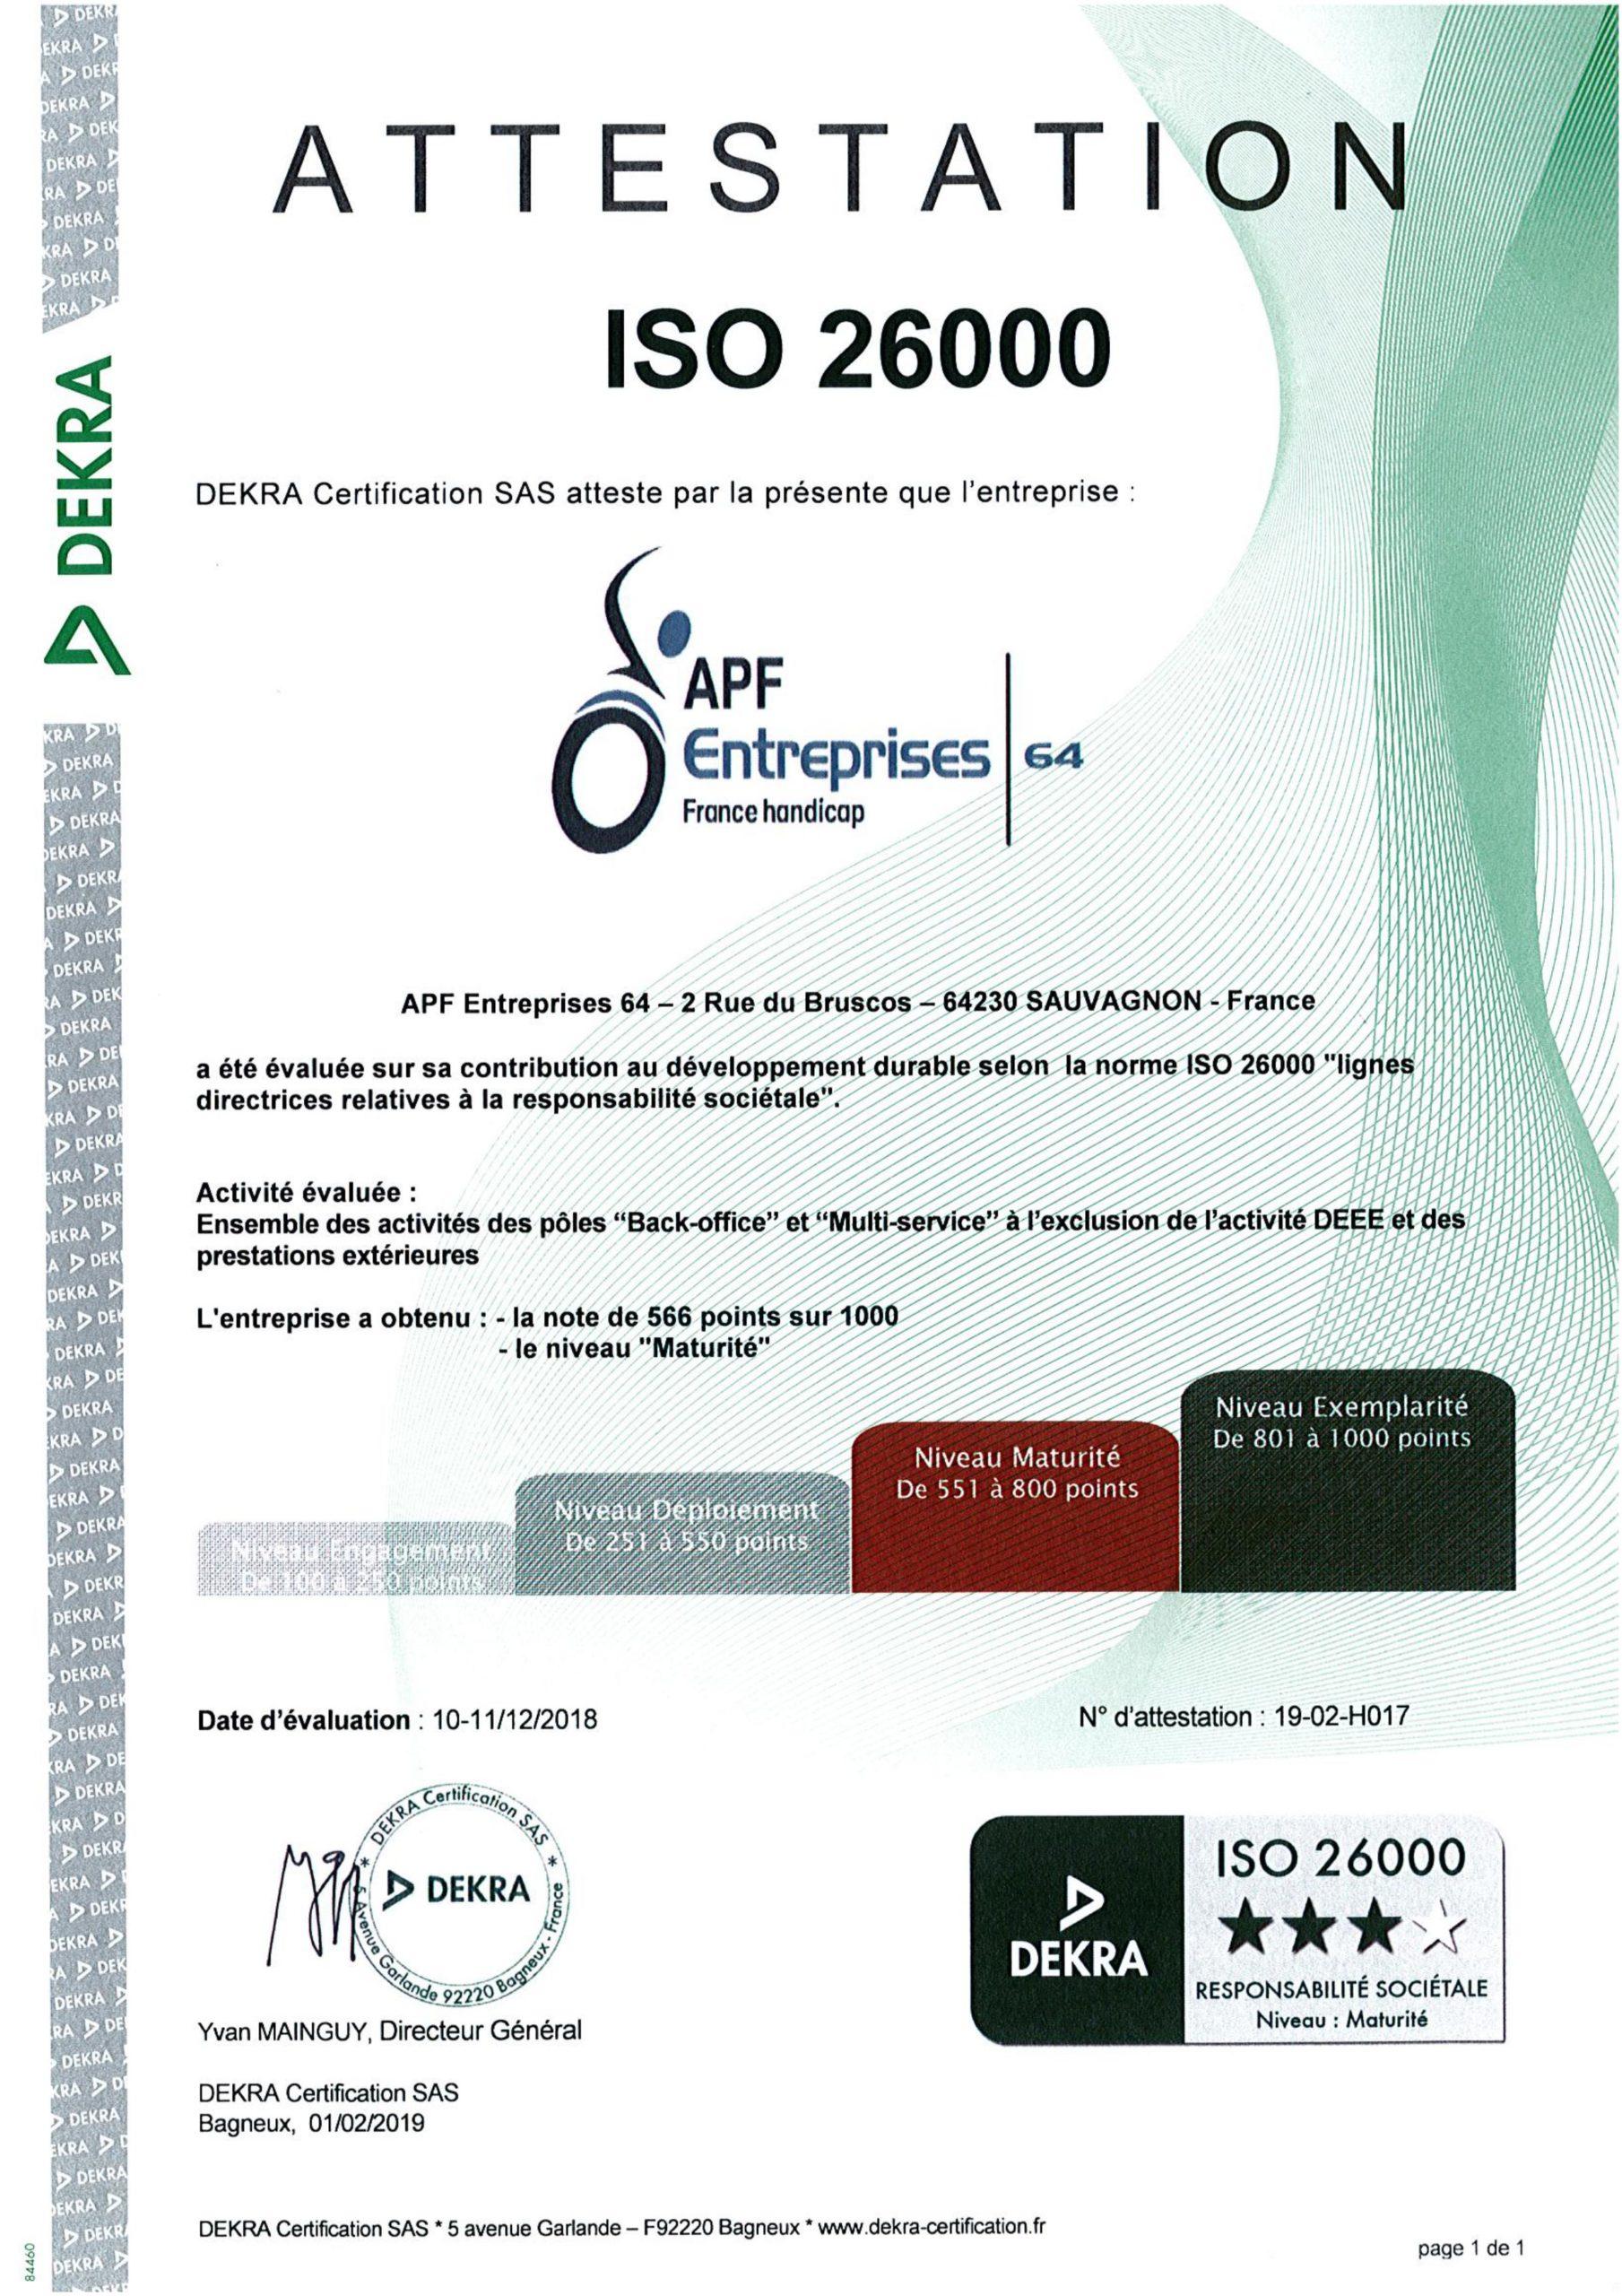 L'attestation ISO 26000.